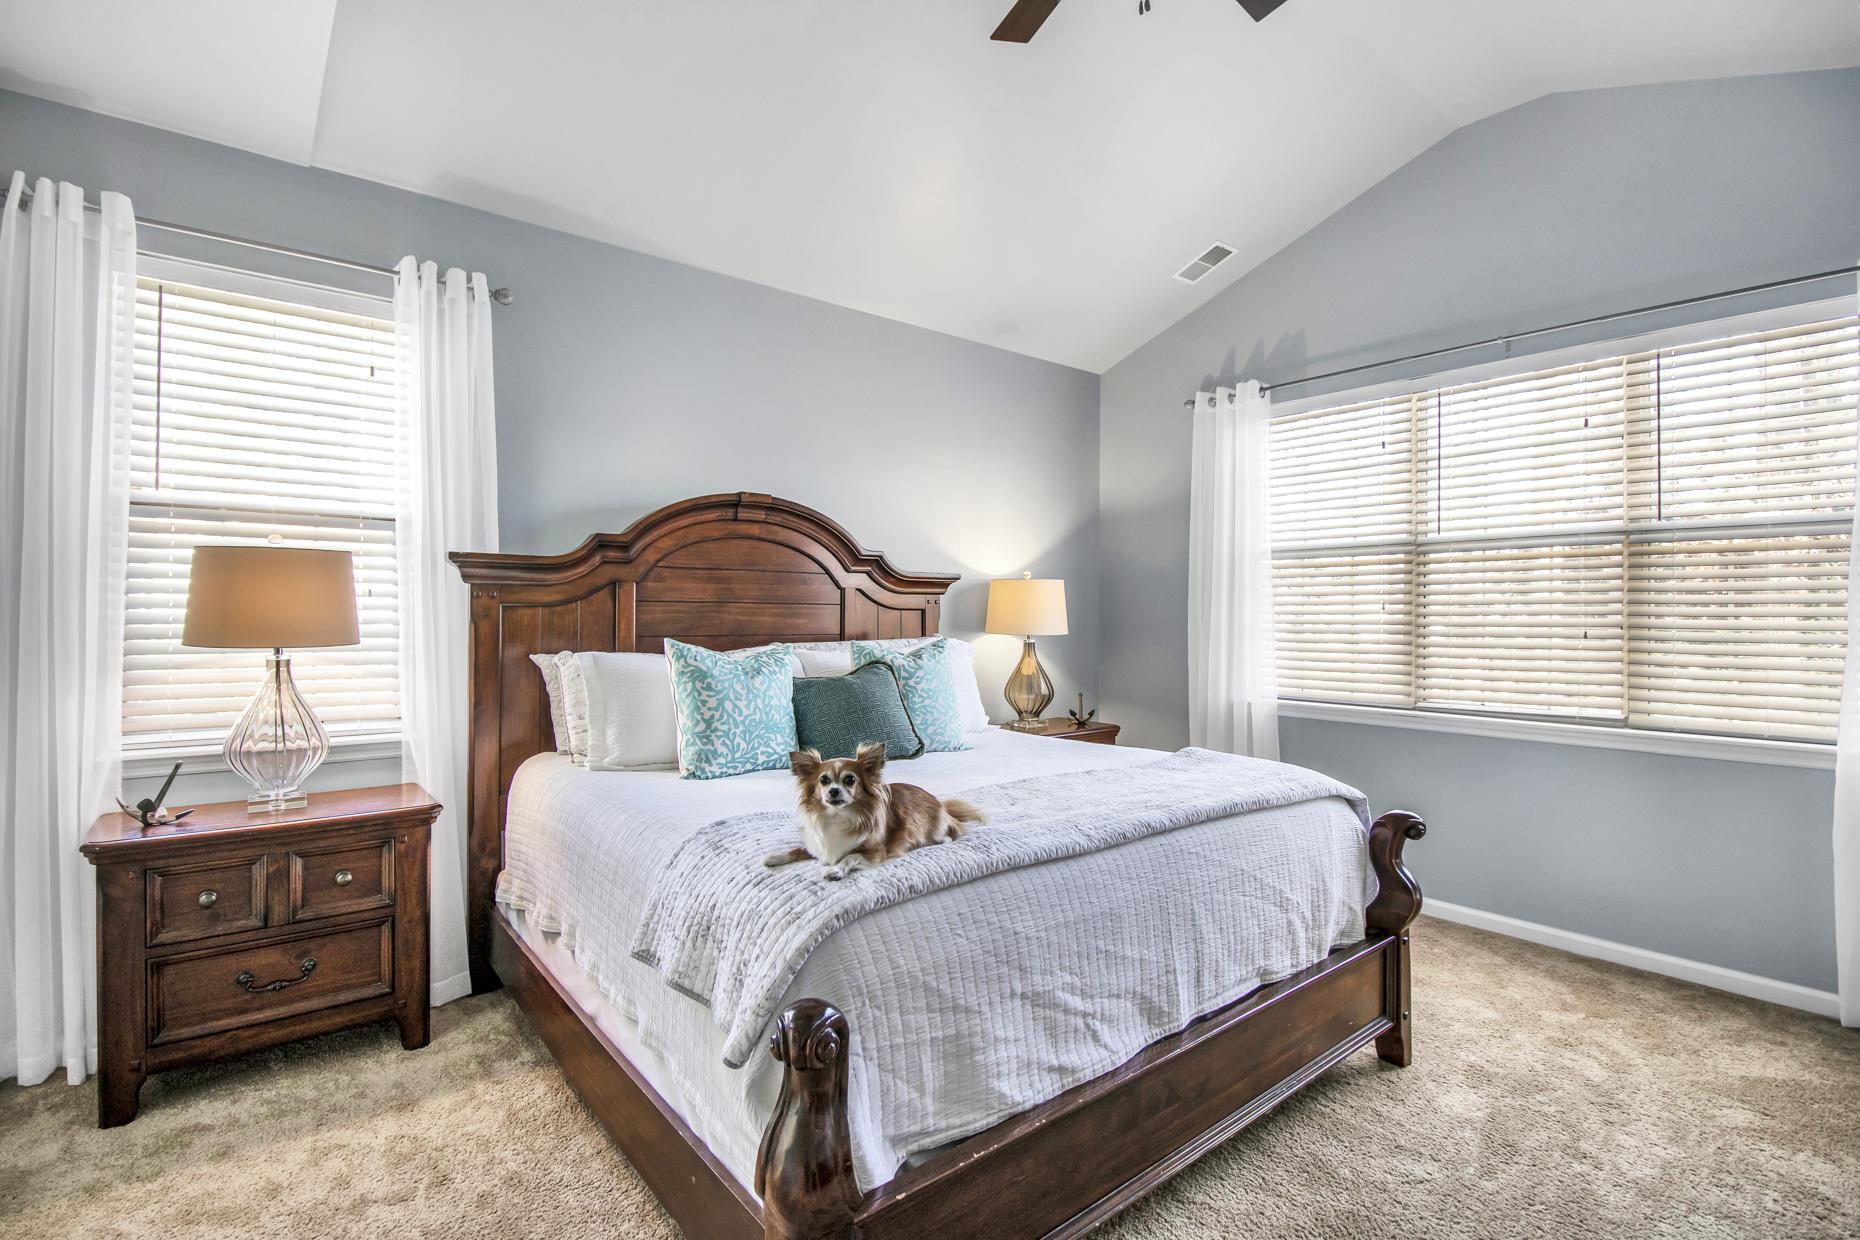 Park West Homes For Sale - 1497 Endicot, Mount Pleasant, SC - 12